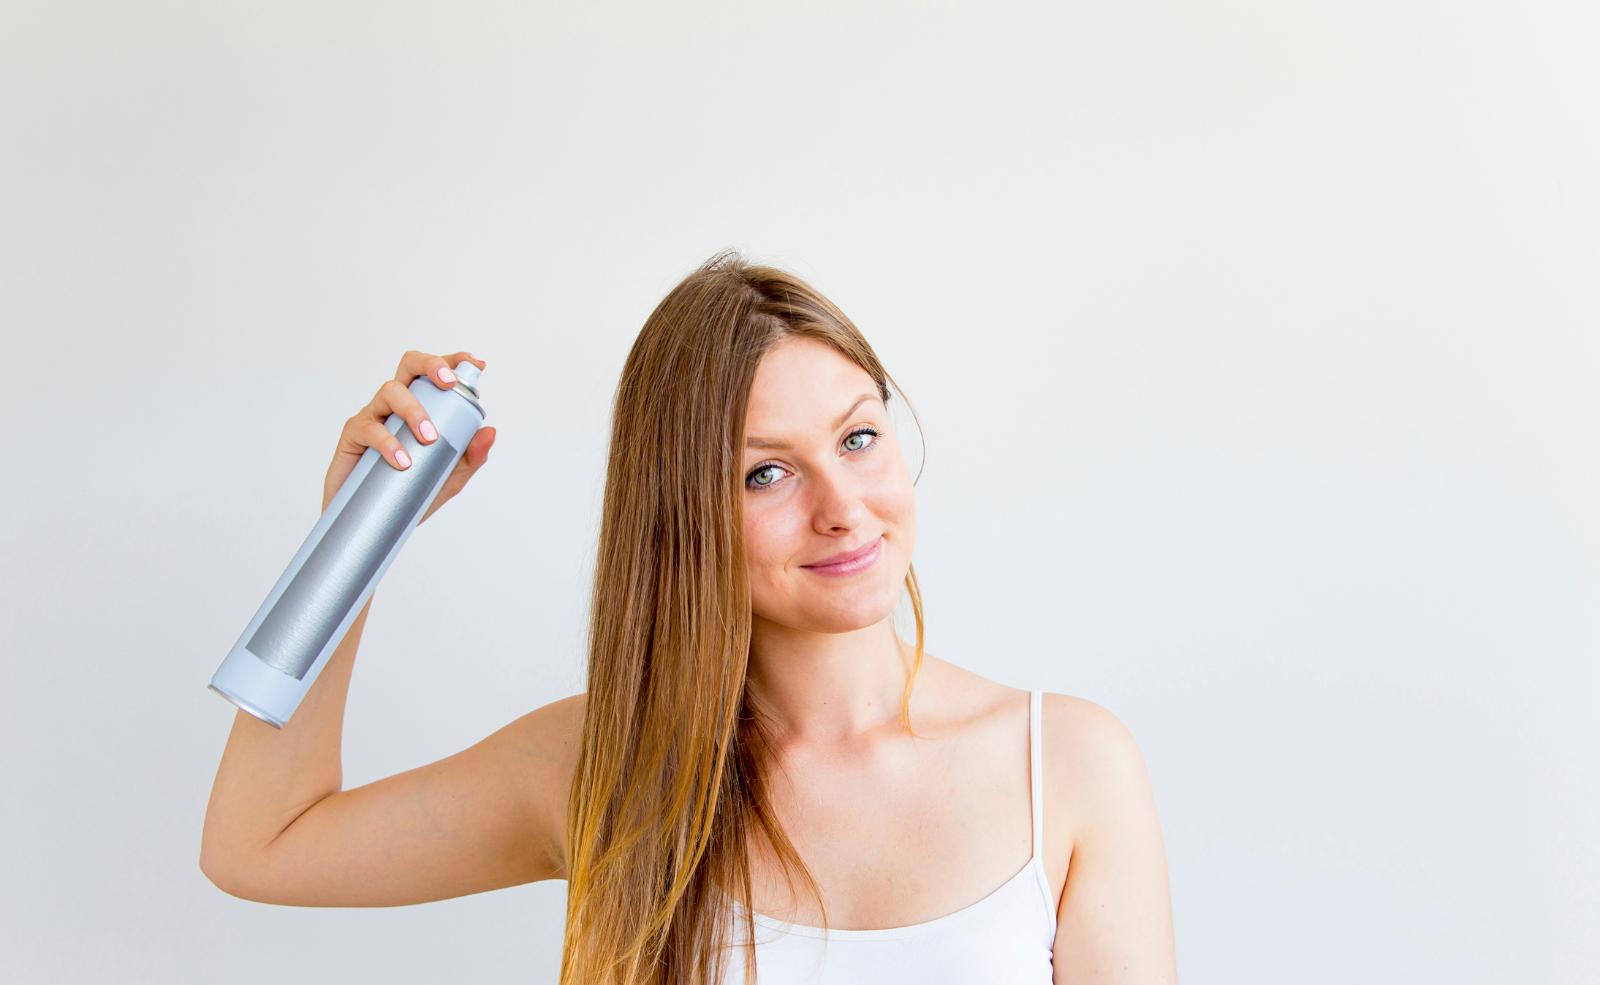 Viele greifen aus praktischen Gründen zum Spray. Dieser ist aber nicht unbedingt besser.